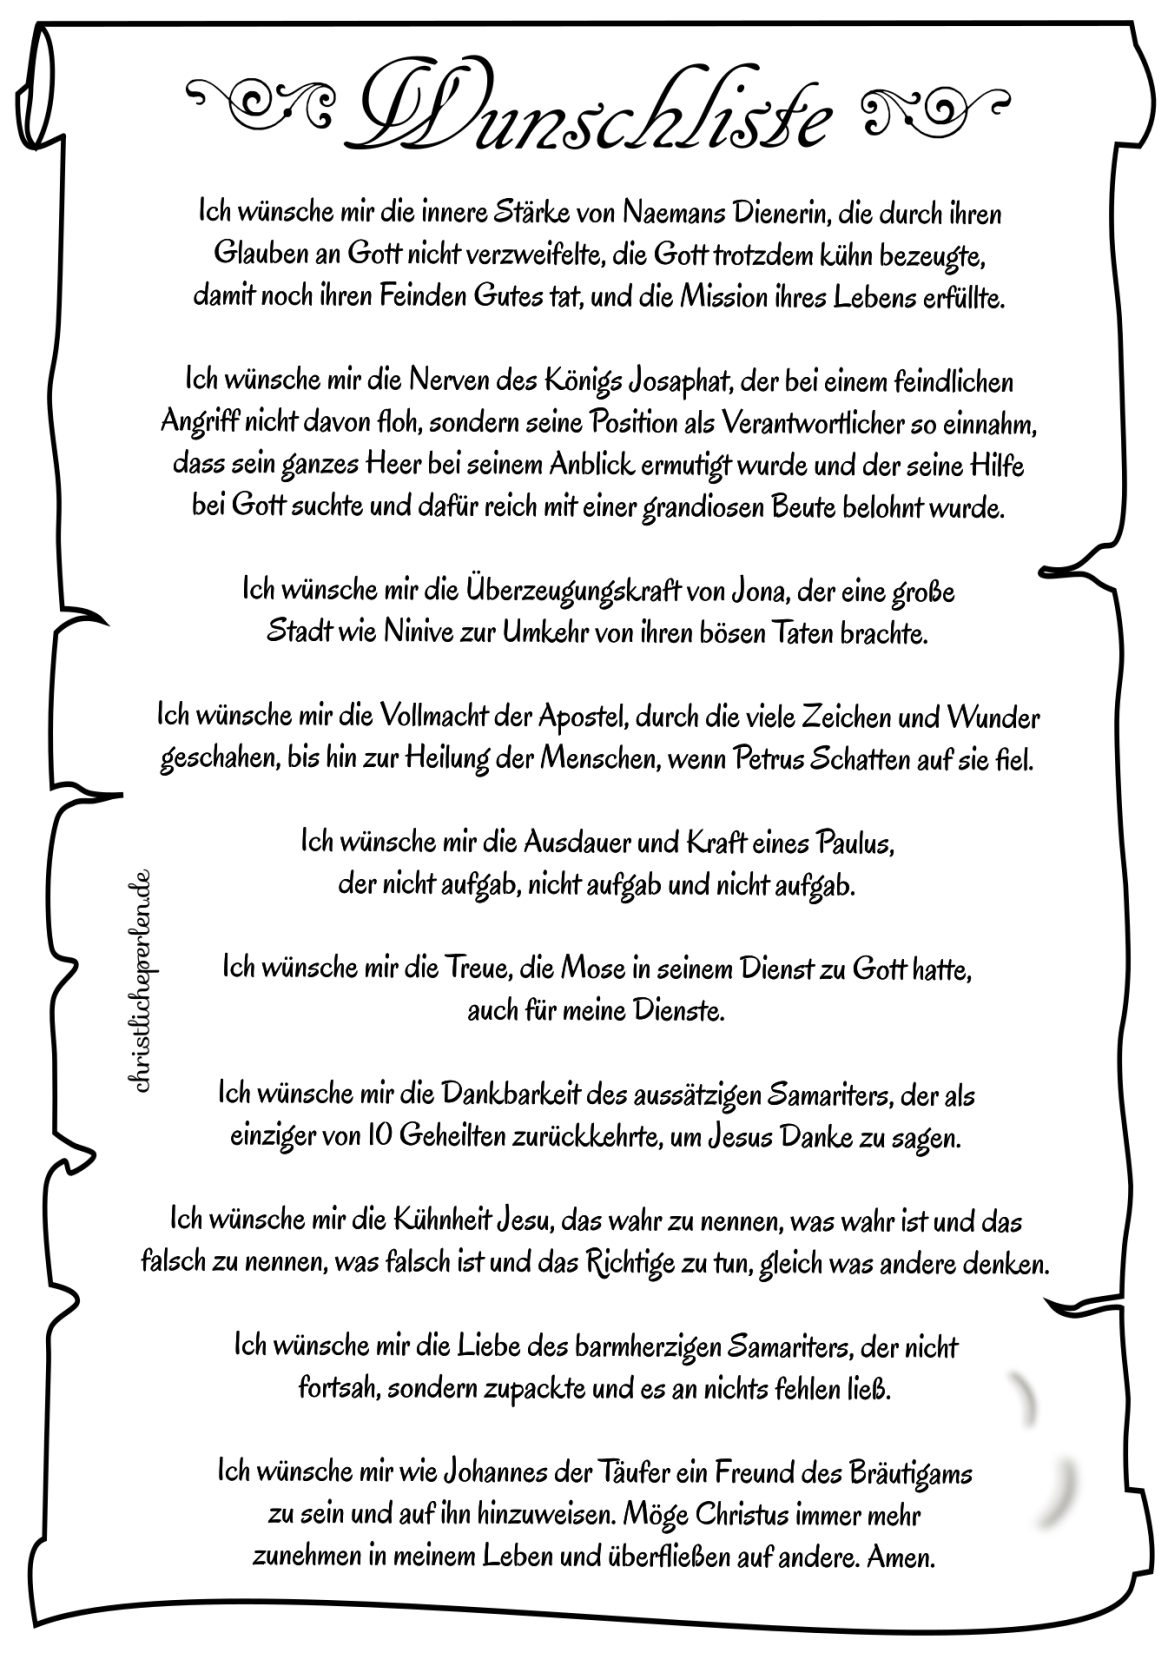 Bibel Christliche Perlen Ermutigende Spruche Christliche Zitate Deutsch Christliche Gedichte